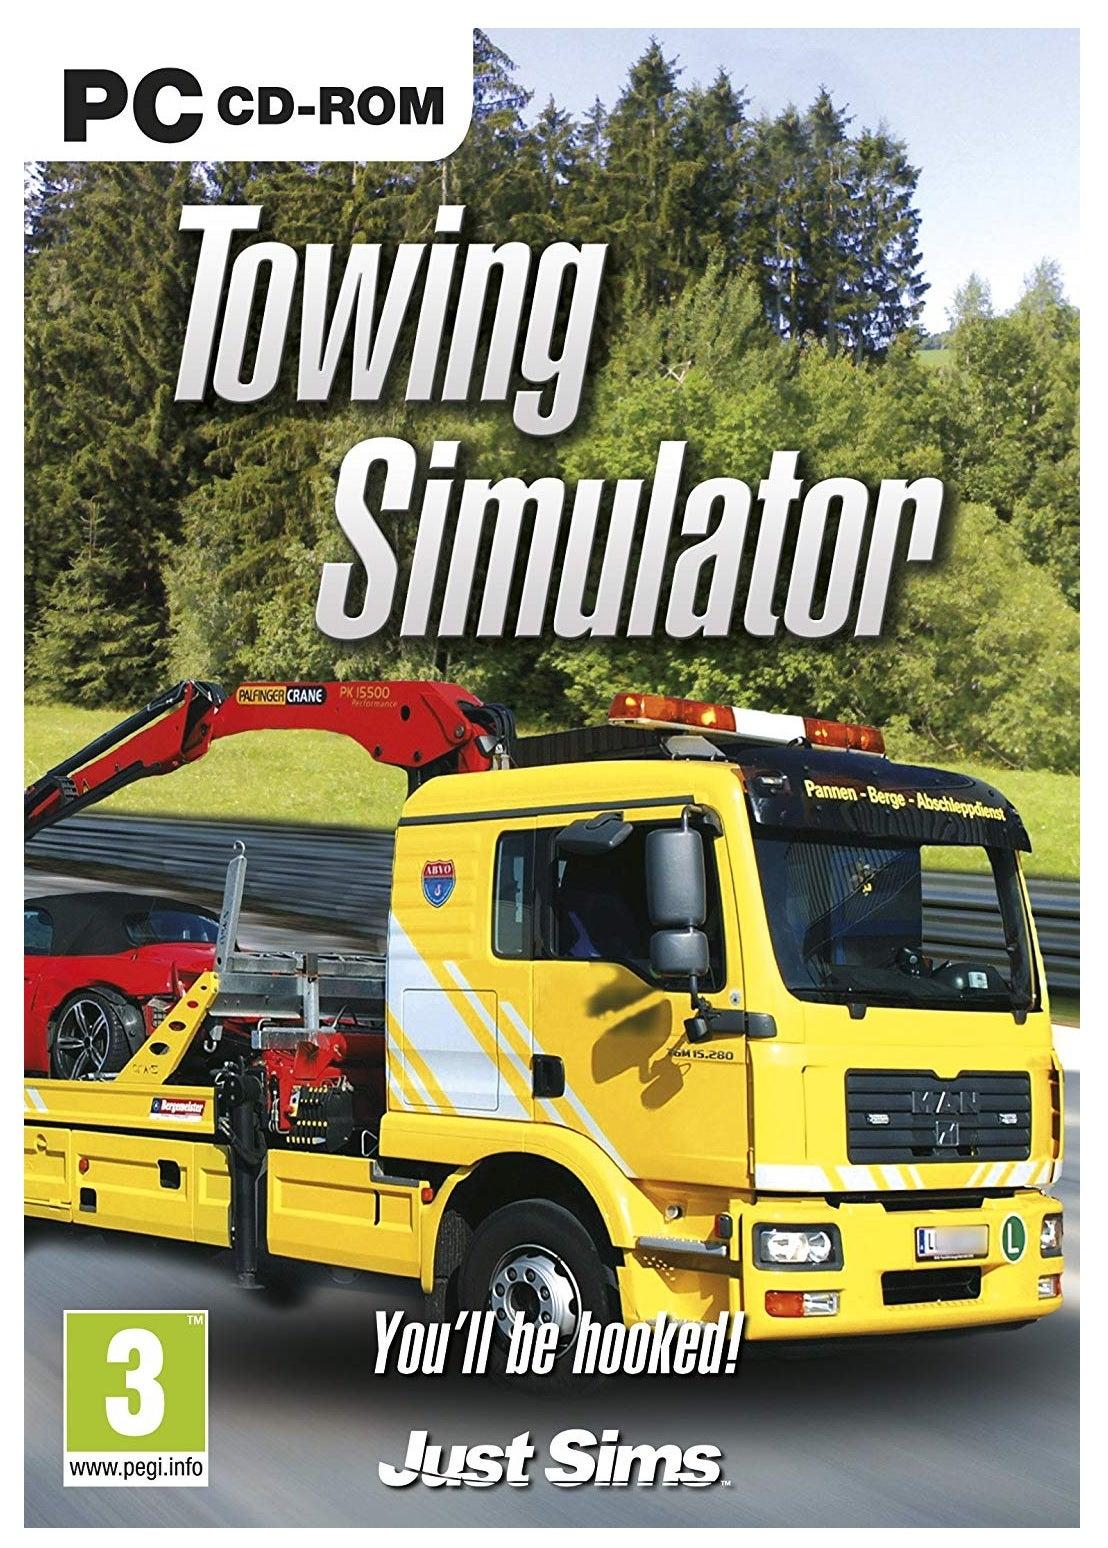 Excalibur Towing Simulator PC Game